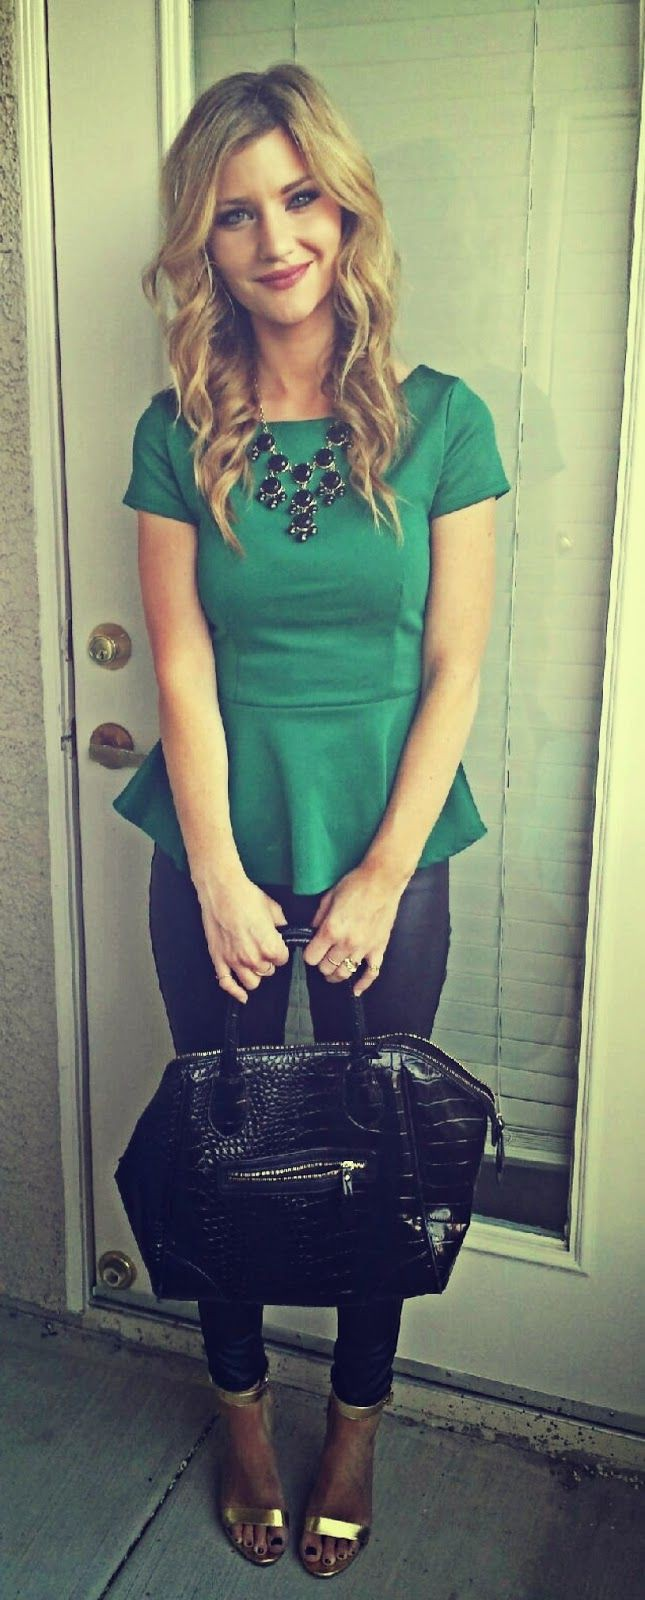 Green peplum top outfit, Sleeveless shirt